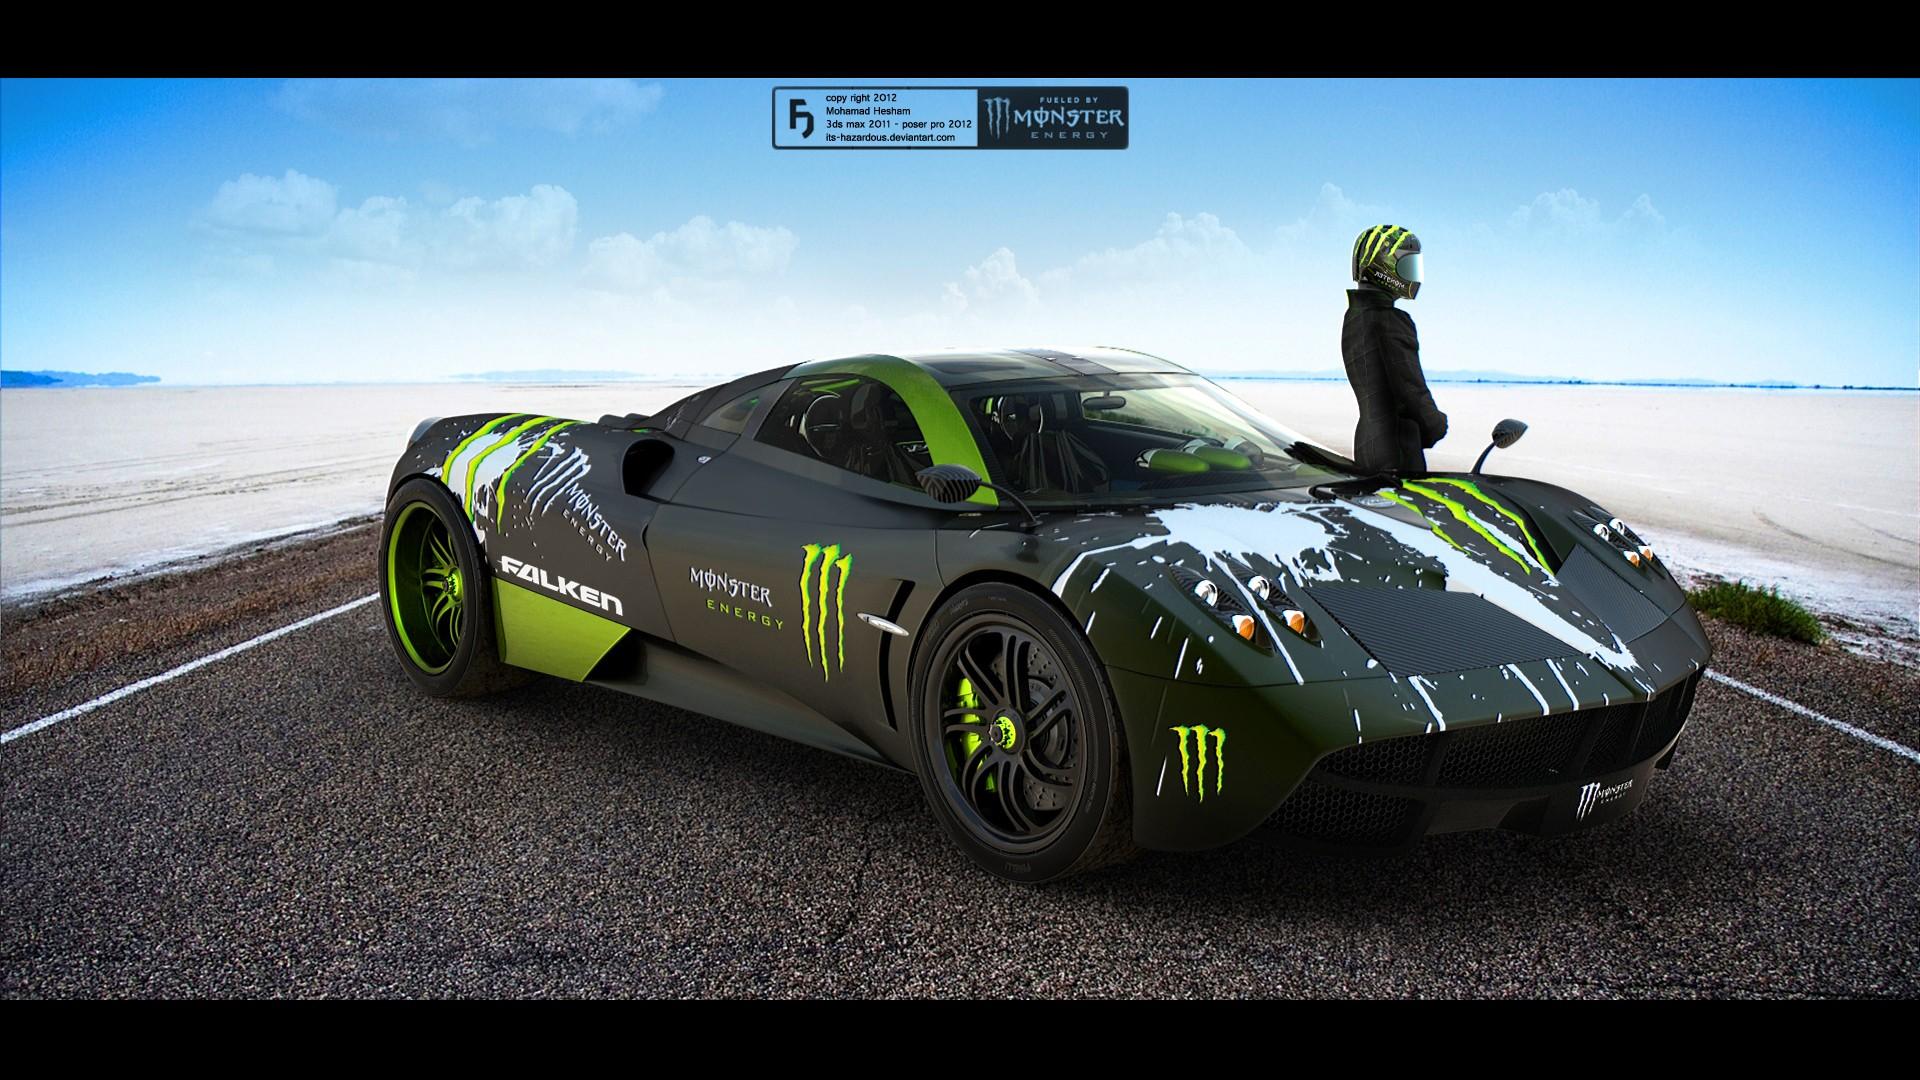 Google themes cars - Energy Google Wallpapers Ferrari Monster Energy Google Backgrounds